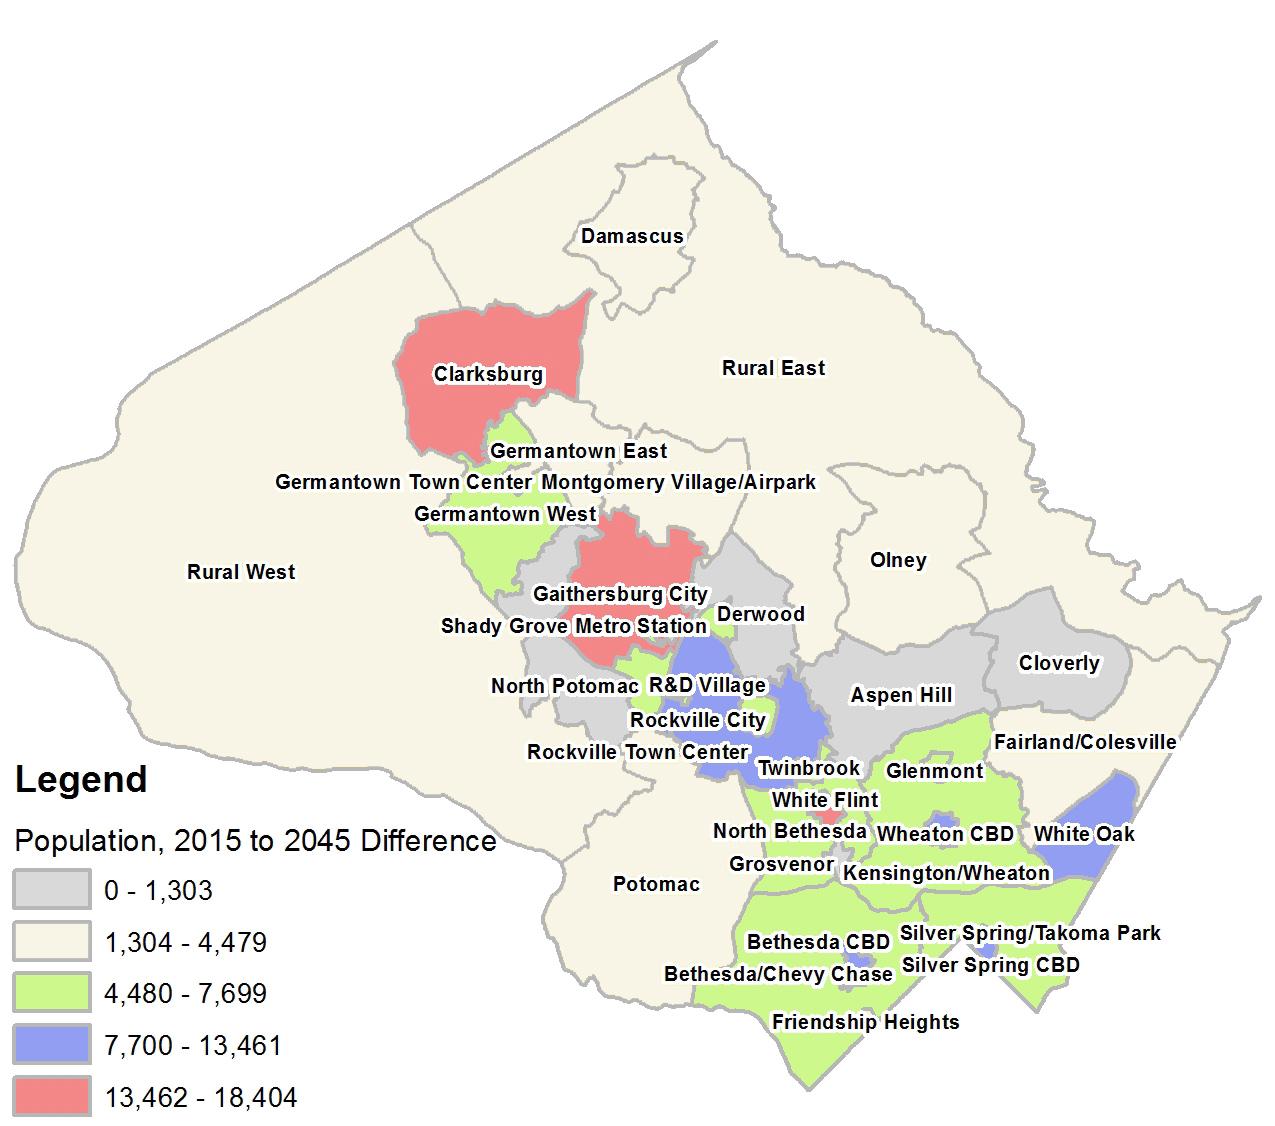 Population Change Round 9.0 - 2015 to 2045